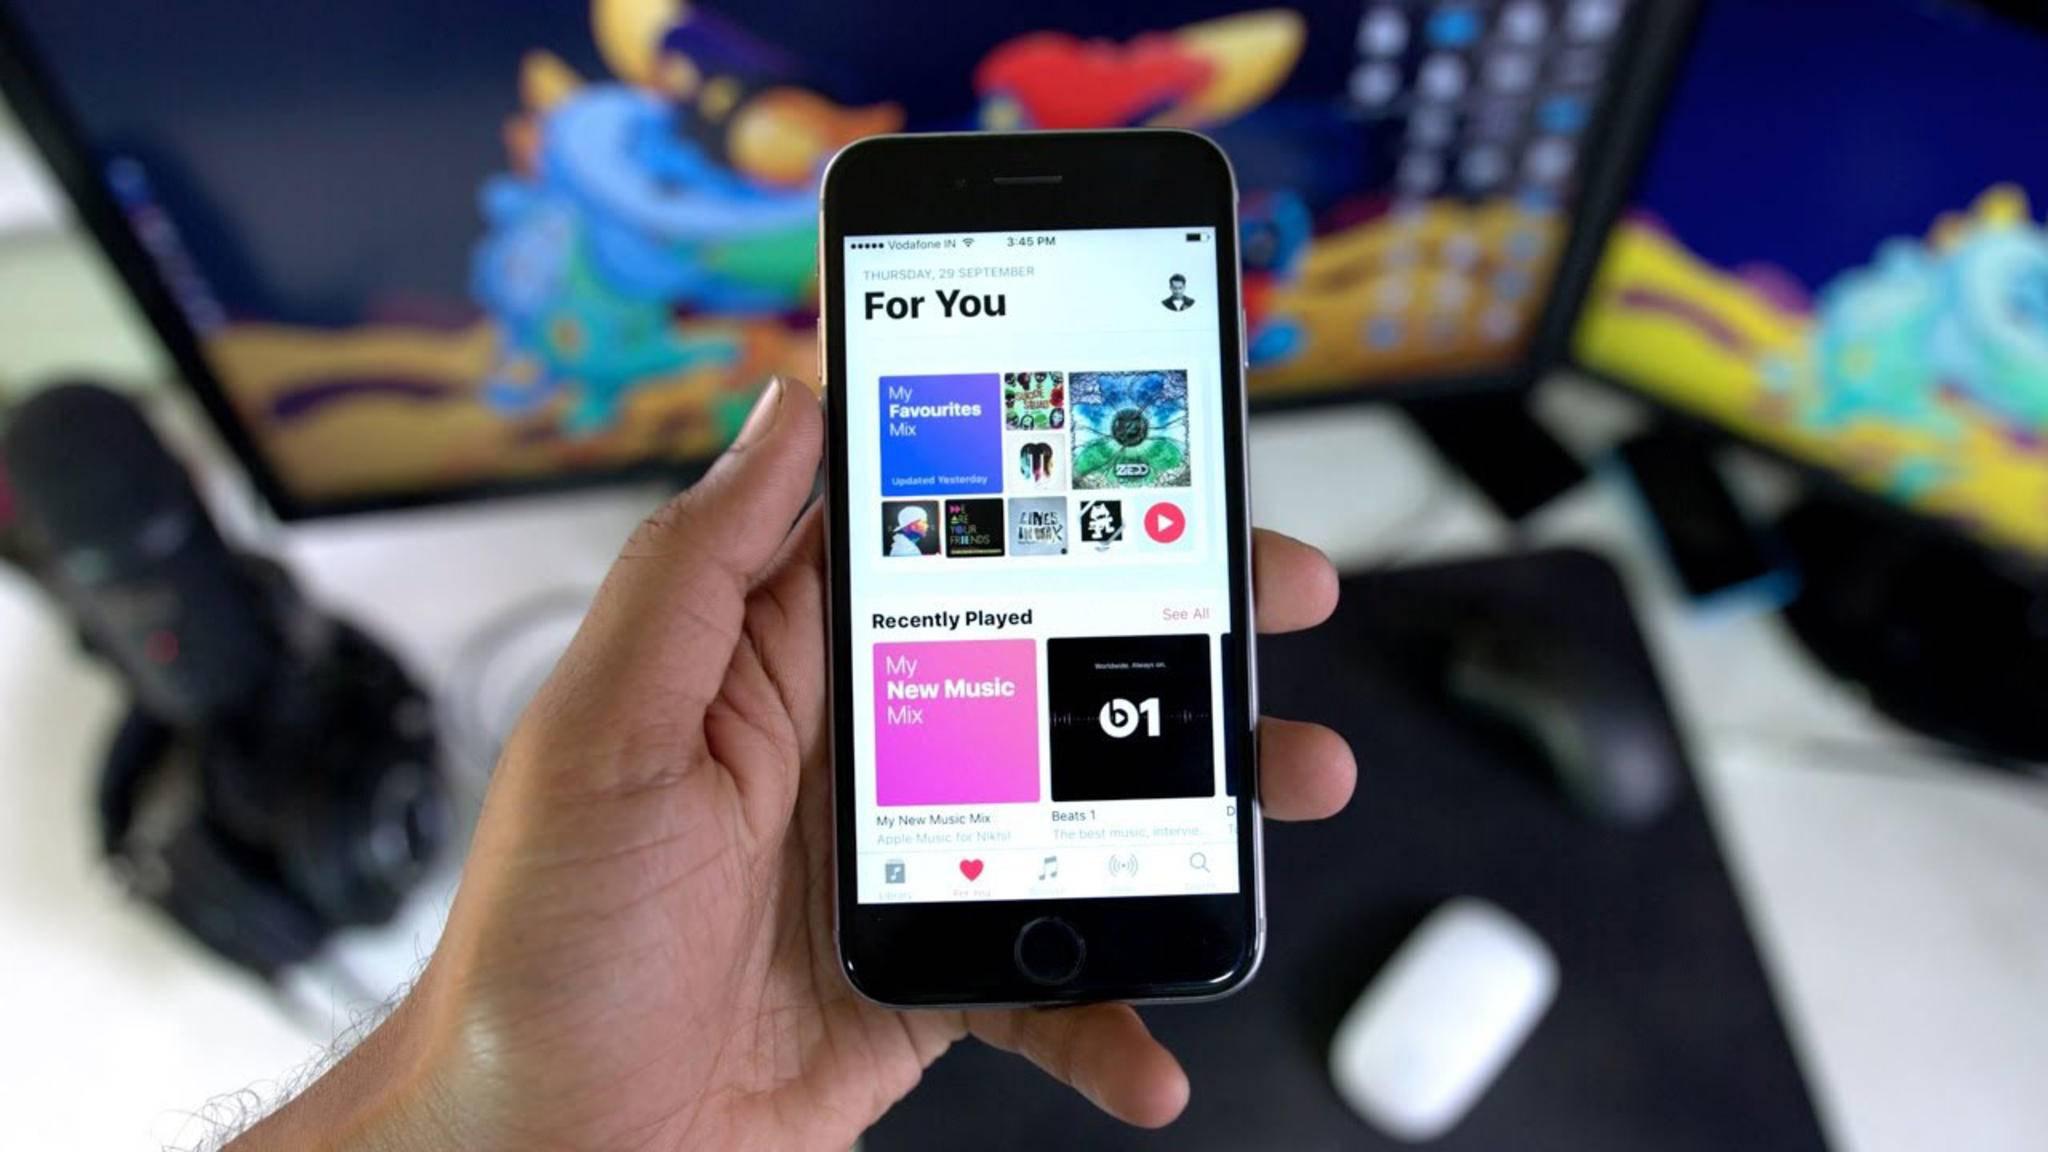 Bietet Apple Music demnächst nur noch einen Gratis-Monat an?